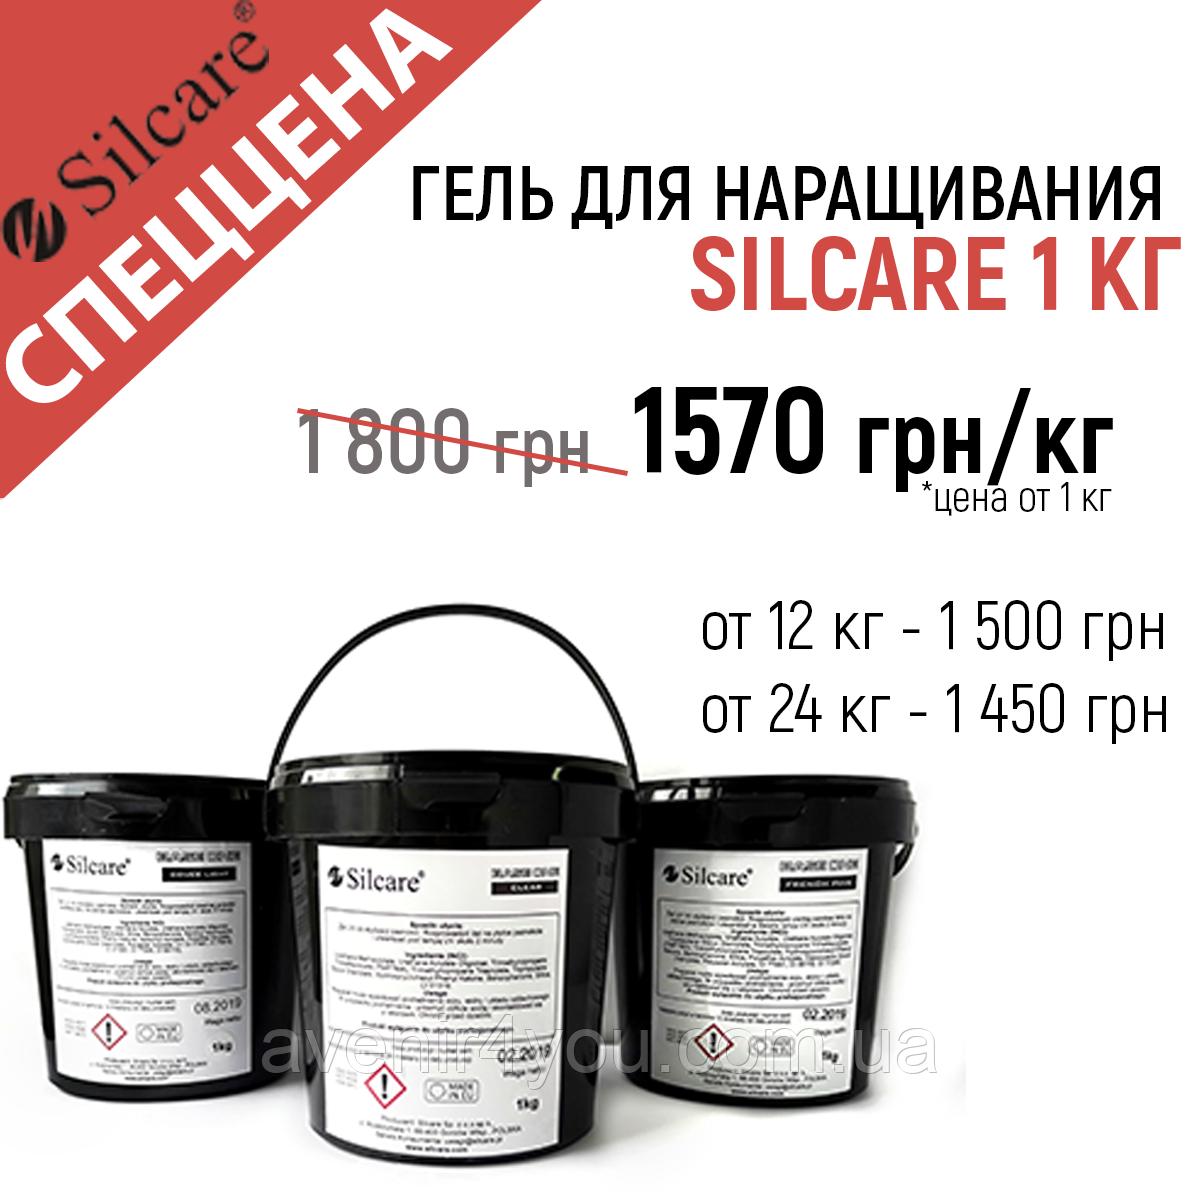 Гель для наращивания Silcare Силкар 1 кг - ВЫГОДНОЕ ПРЕДЛОЖЕНИЕ